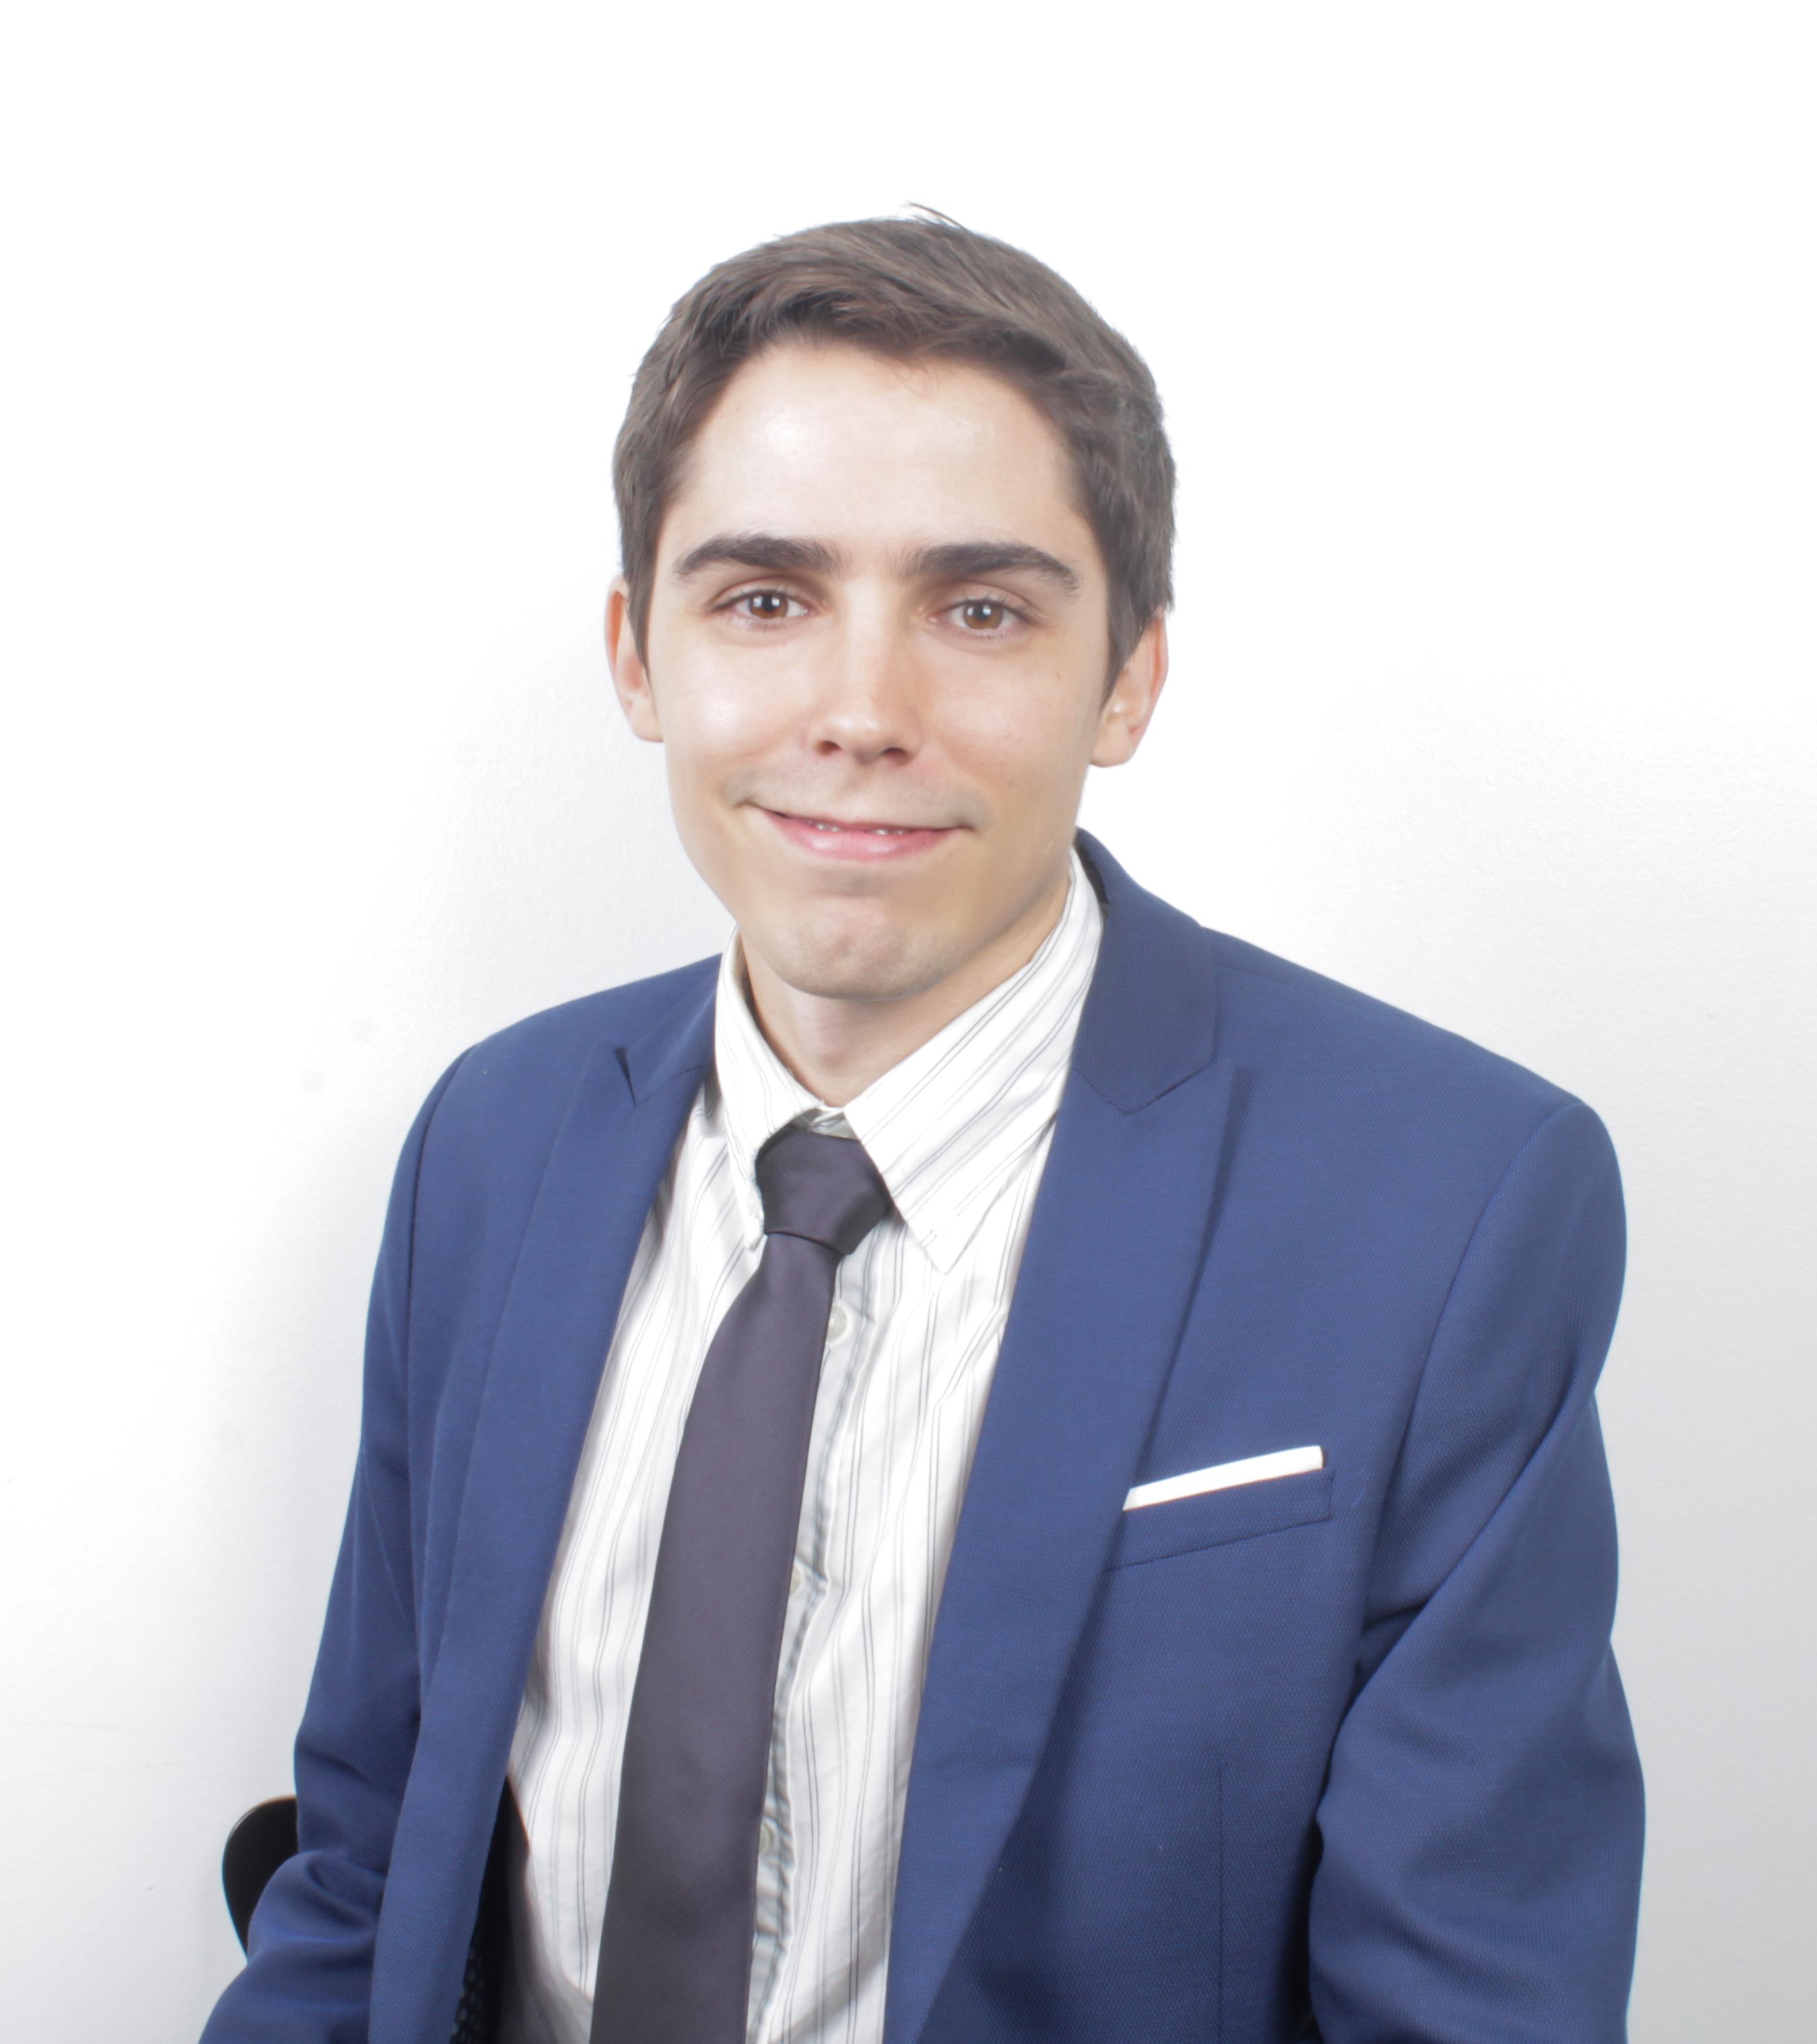 Fernando Gómez - Siuma expertos